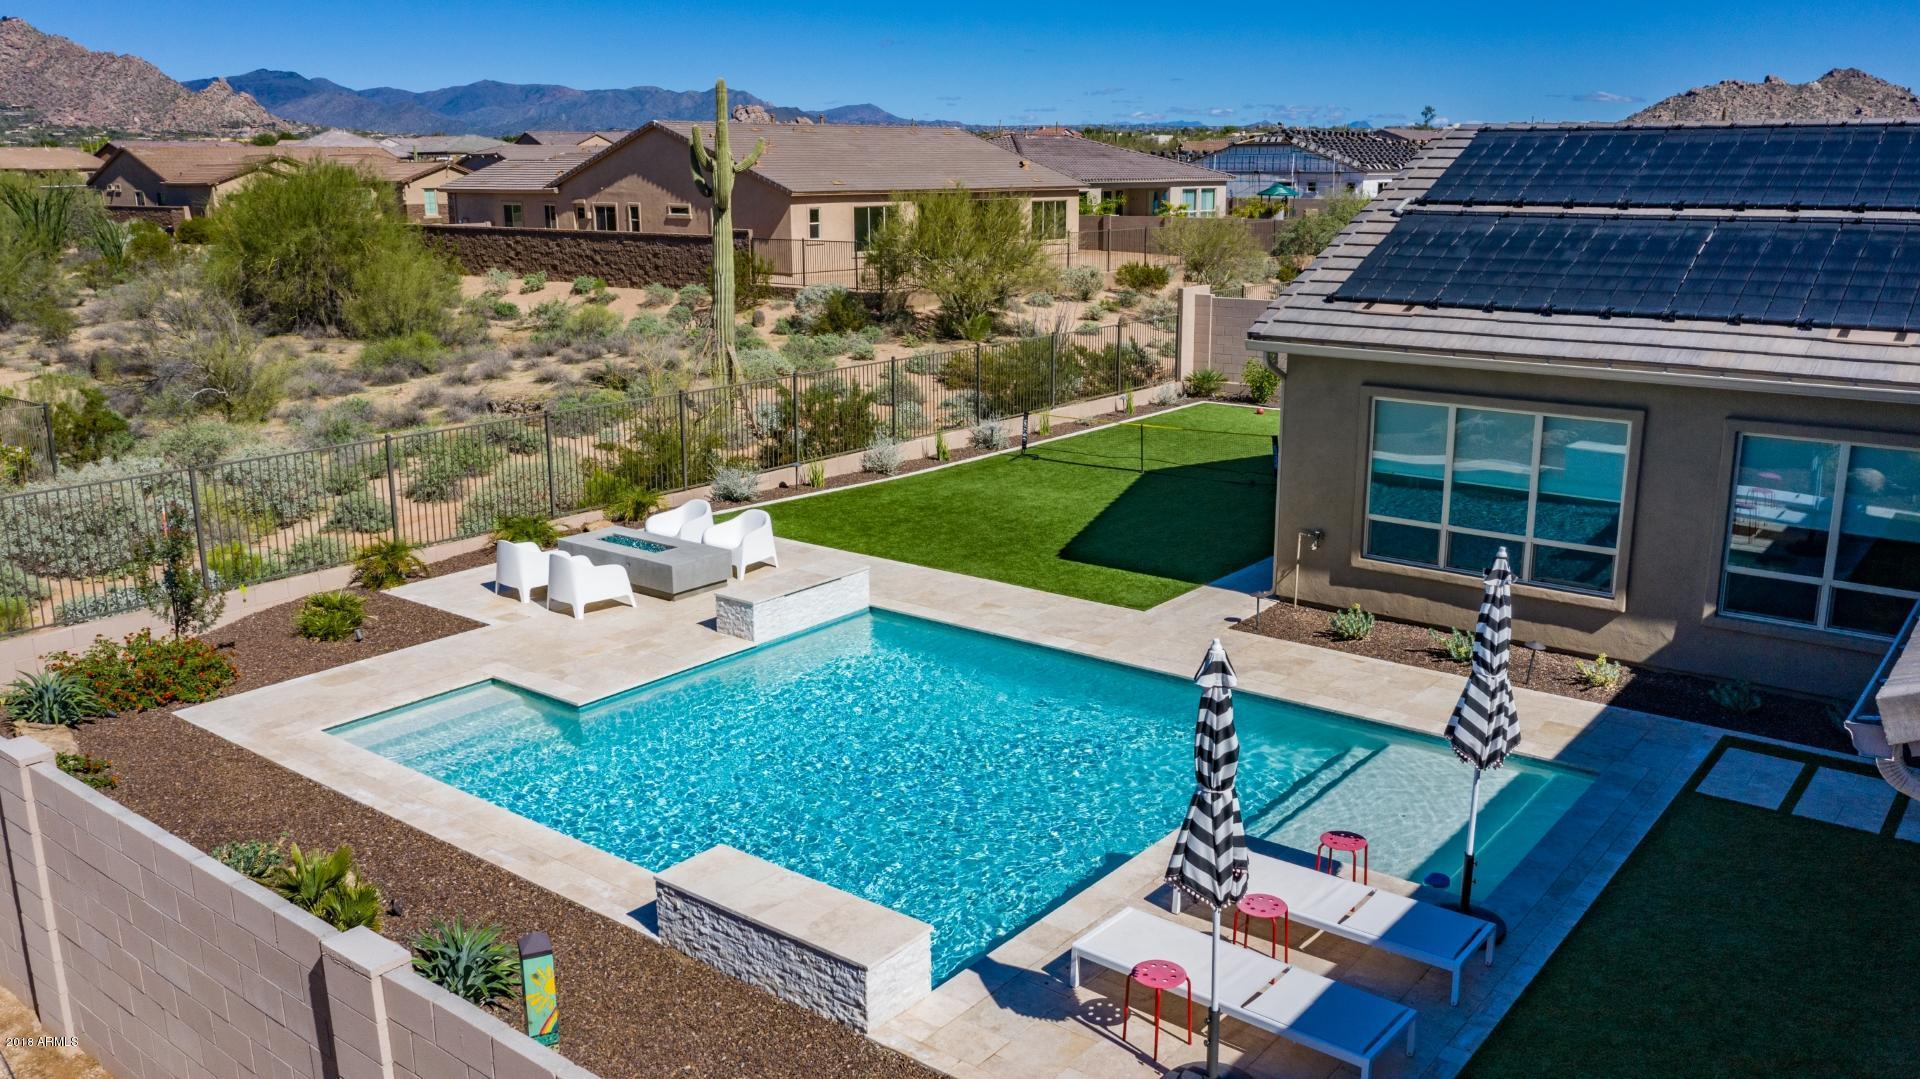 MLS 5836021 6212 E LONESOME Trail, Cave Creek, AZ 85331 Cave Creek AZ Lone Mountain